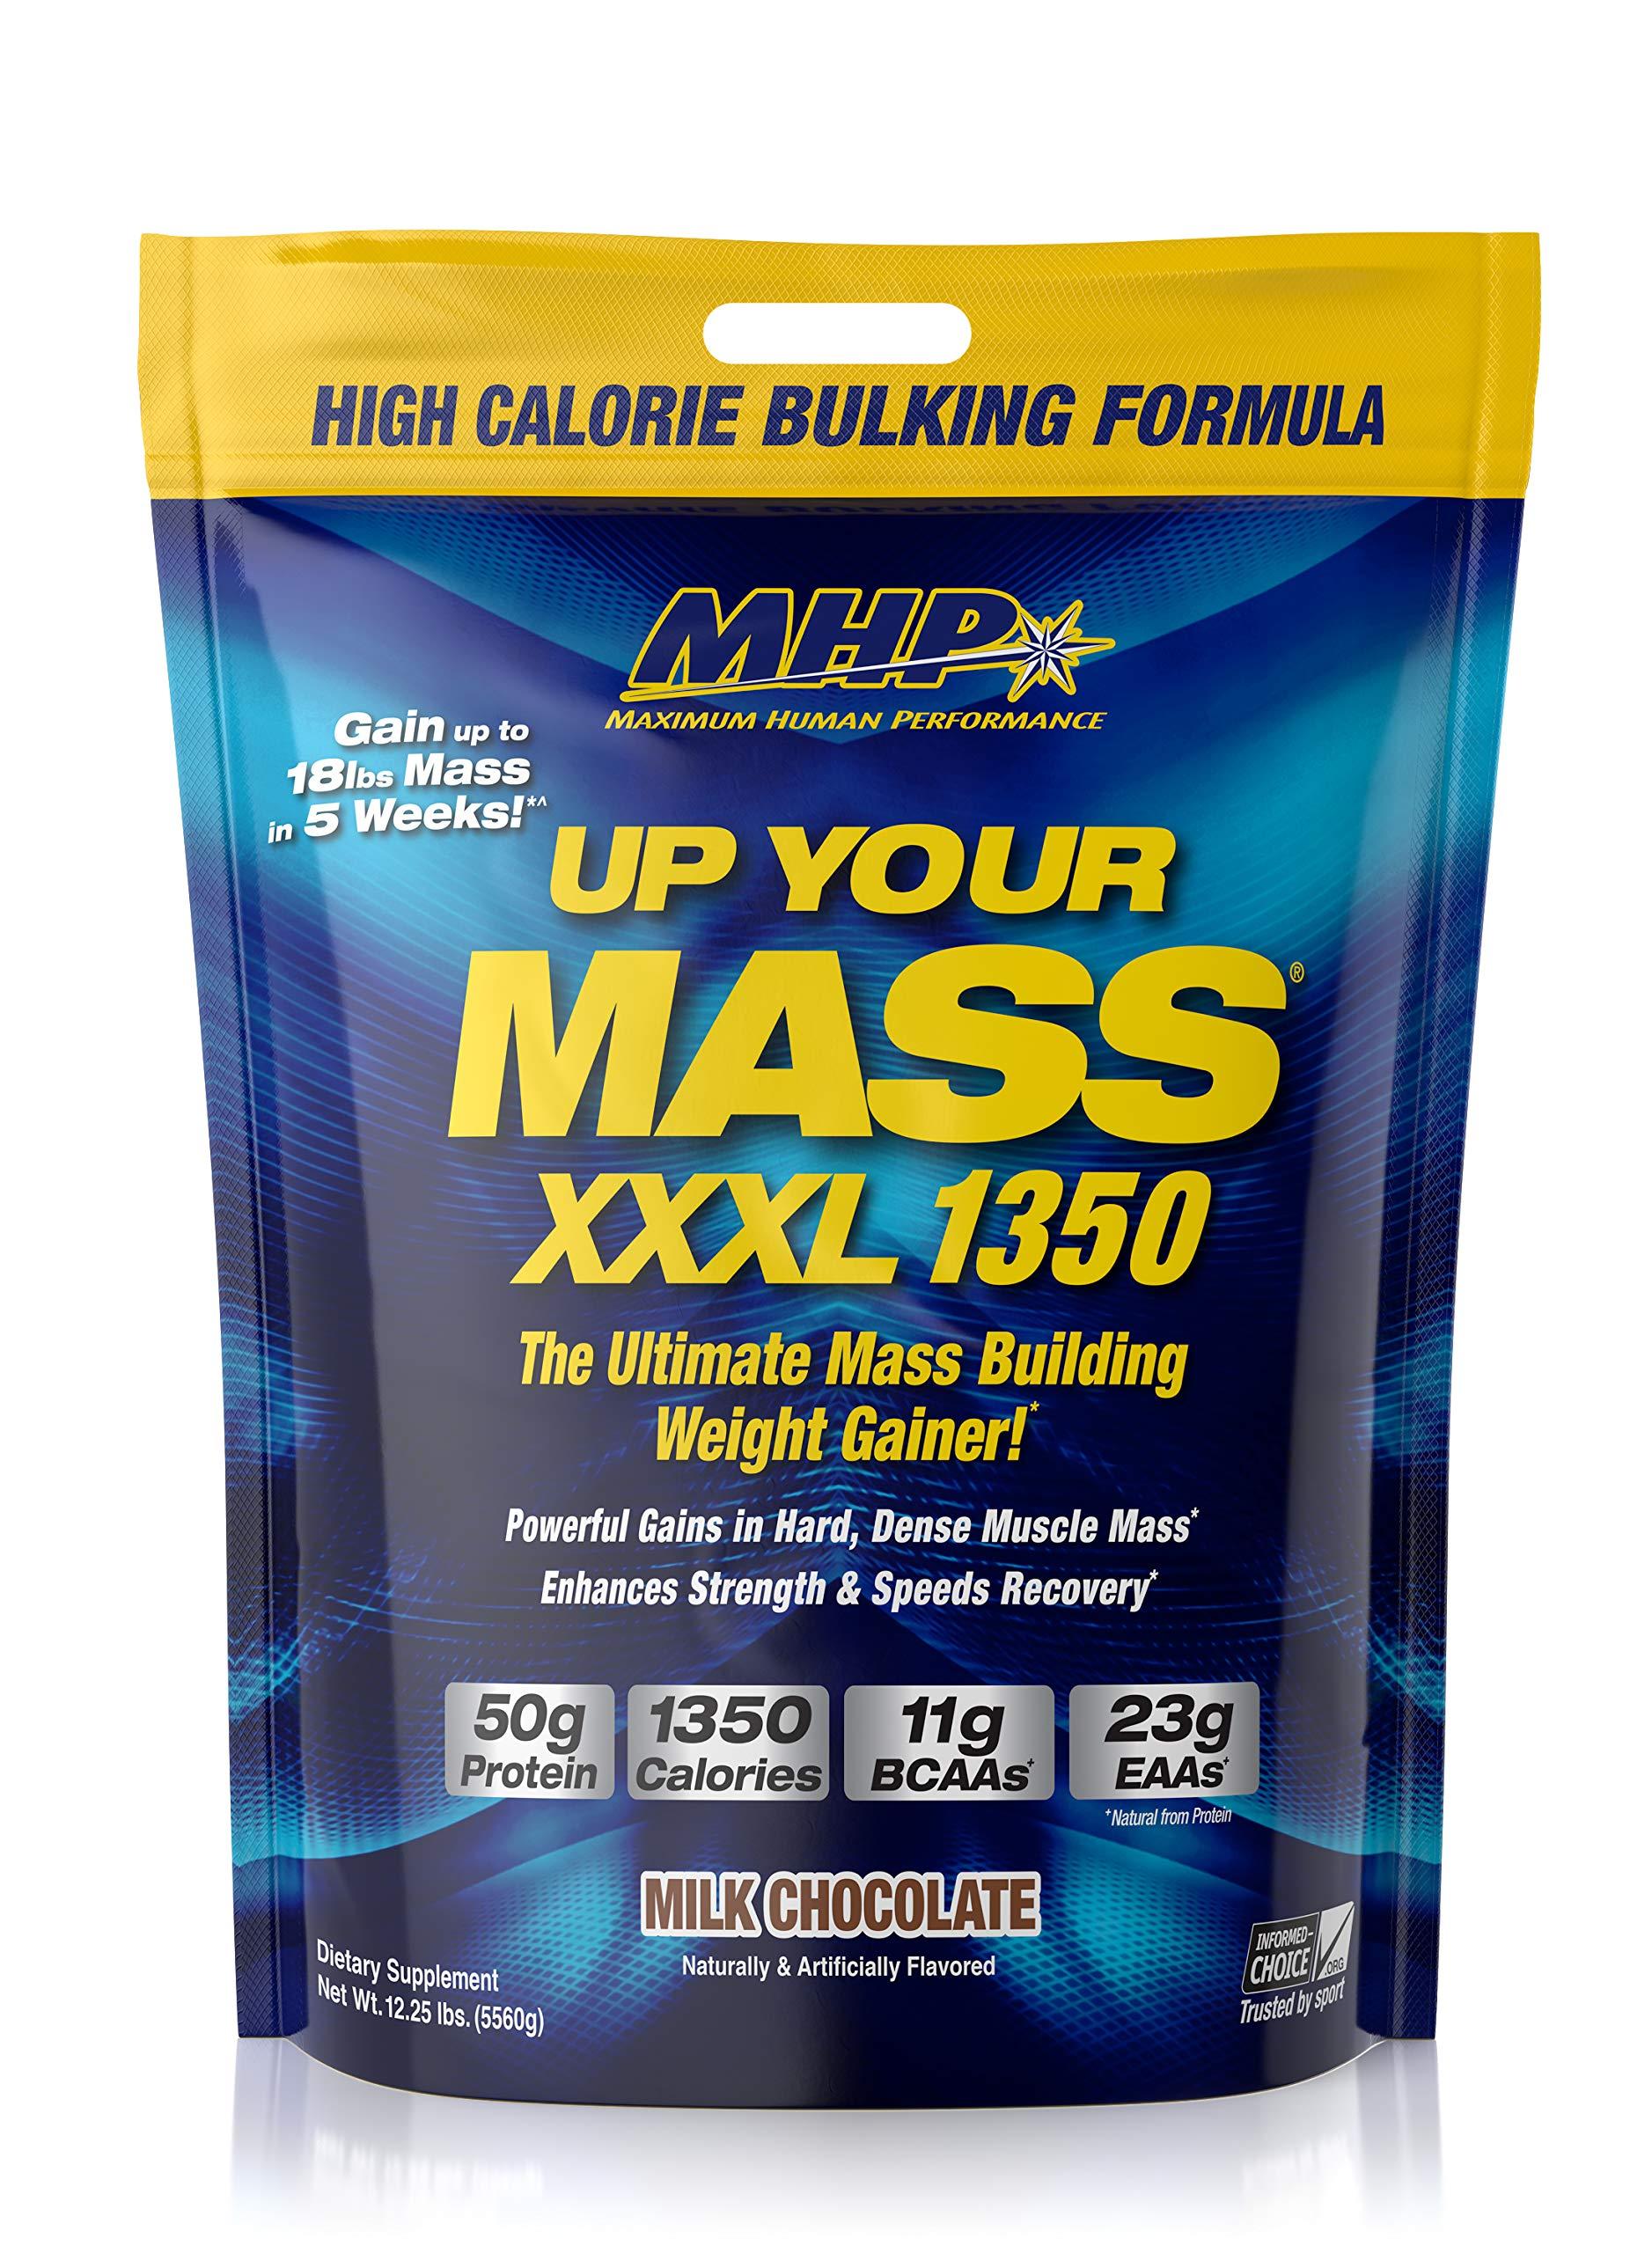 MHP UYM XXXL 1350 Mass Building Weight Gainer, Muscle Mass Gains, w/50g Protein, High Calories, 11g BCAAs, Leucine, Milk Chocolate, 16 Servings